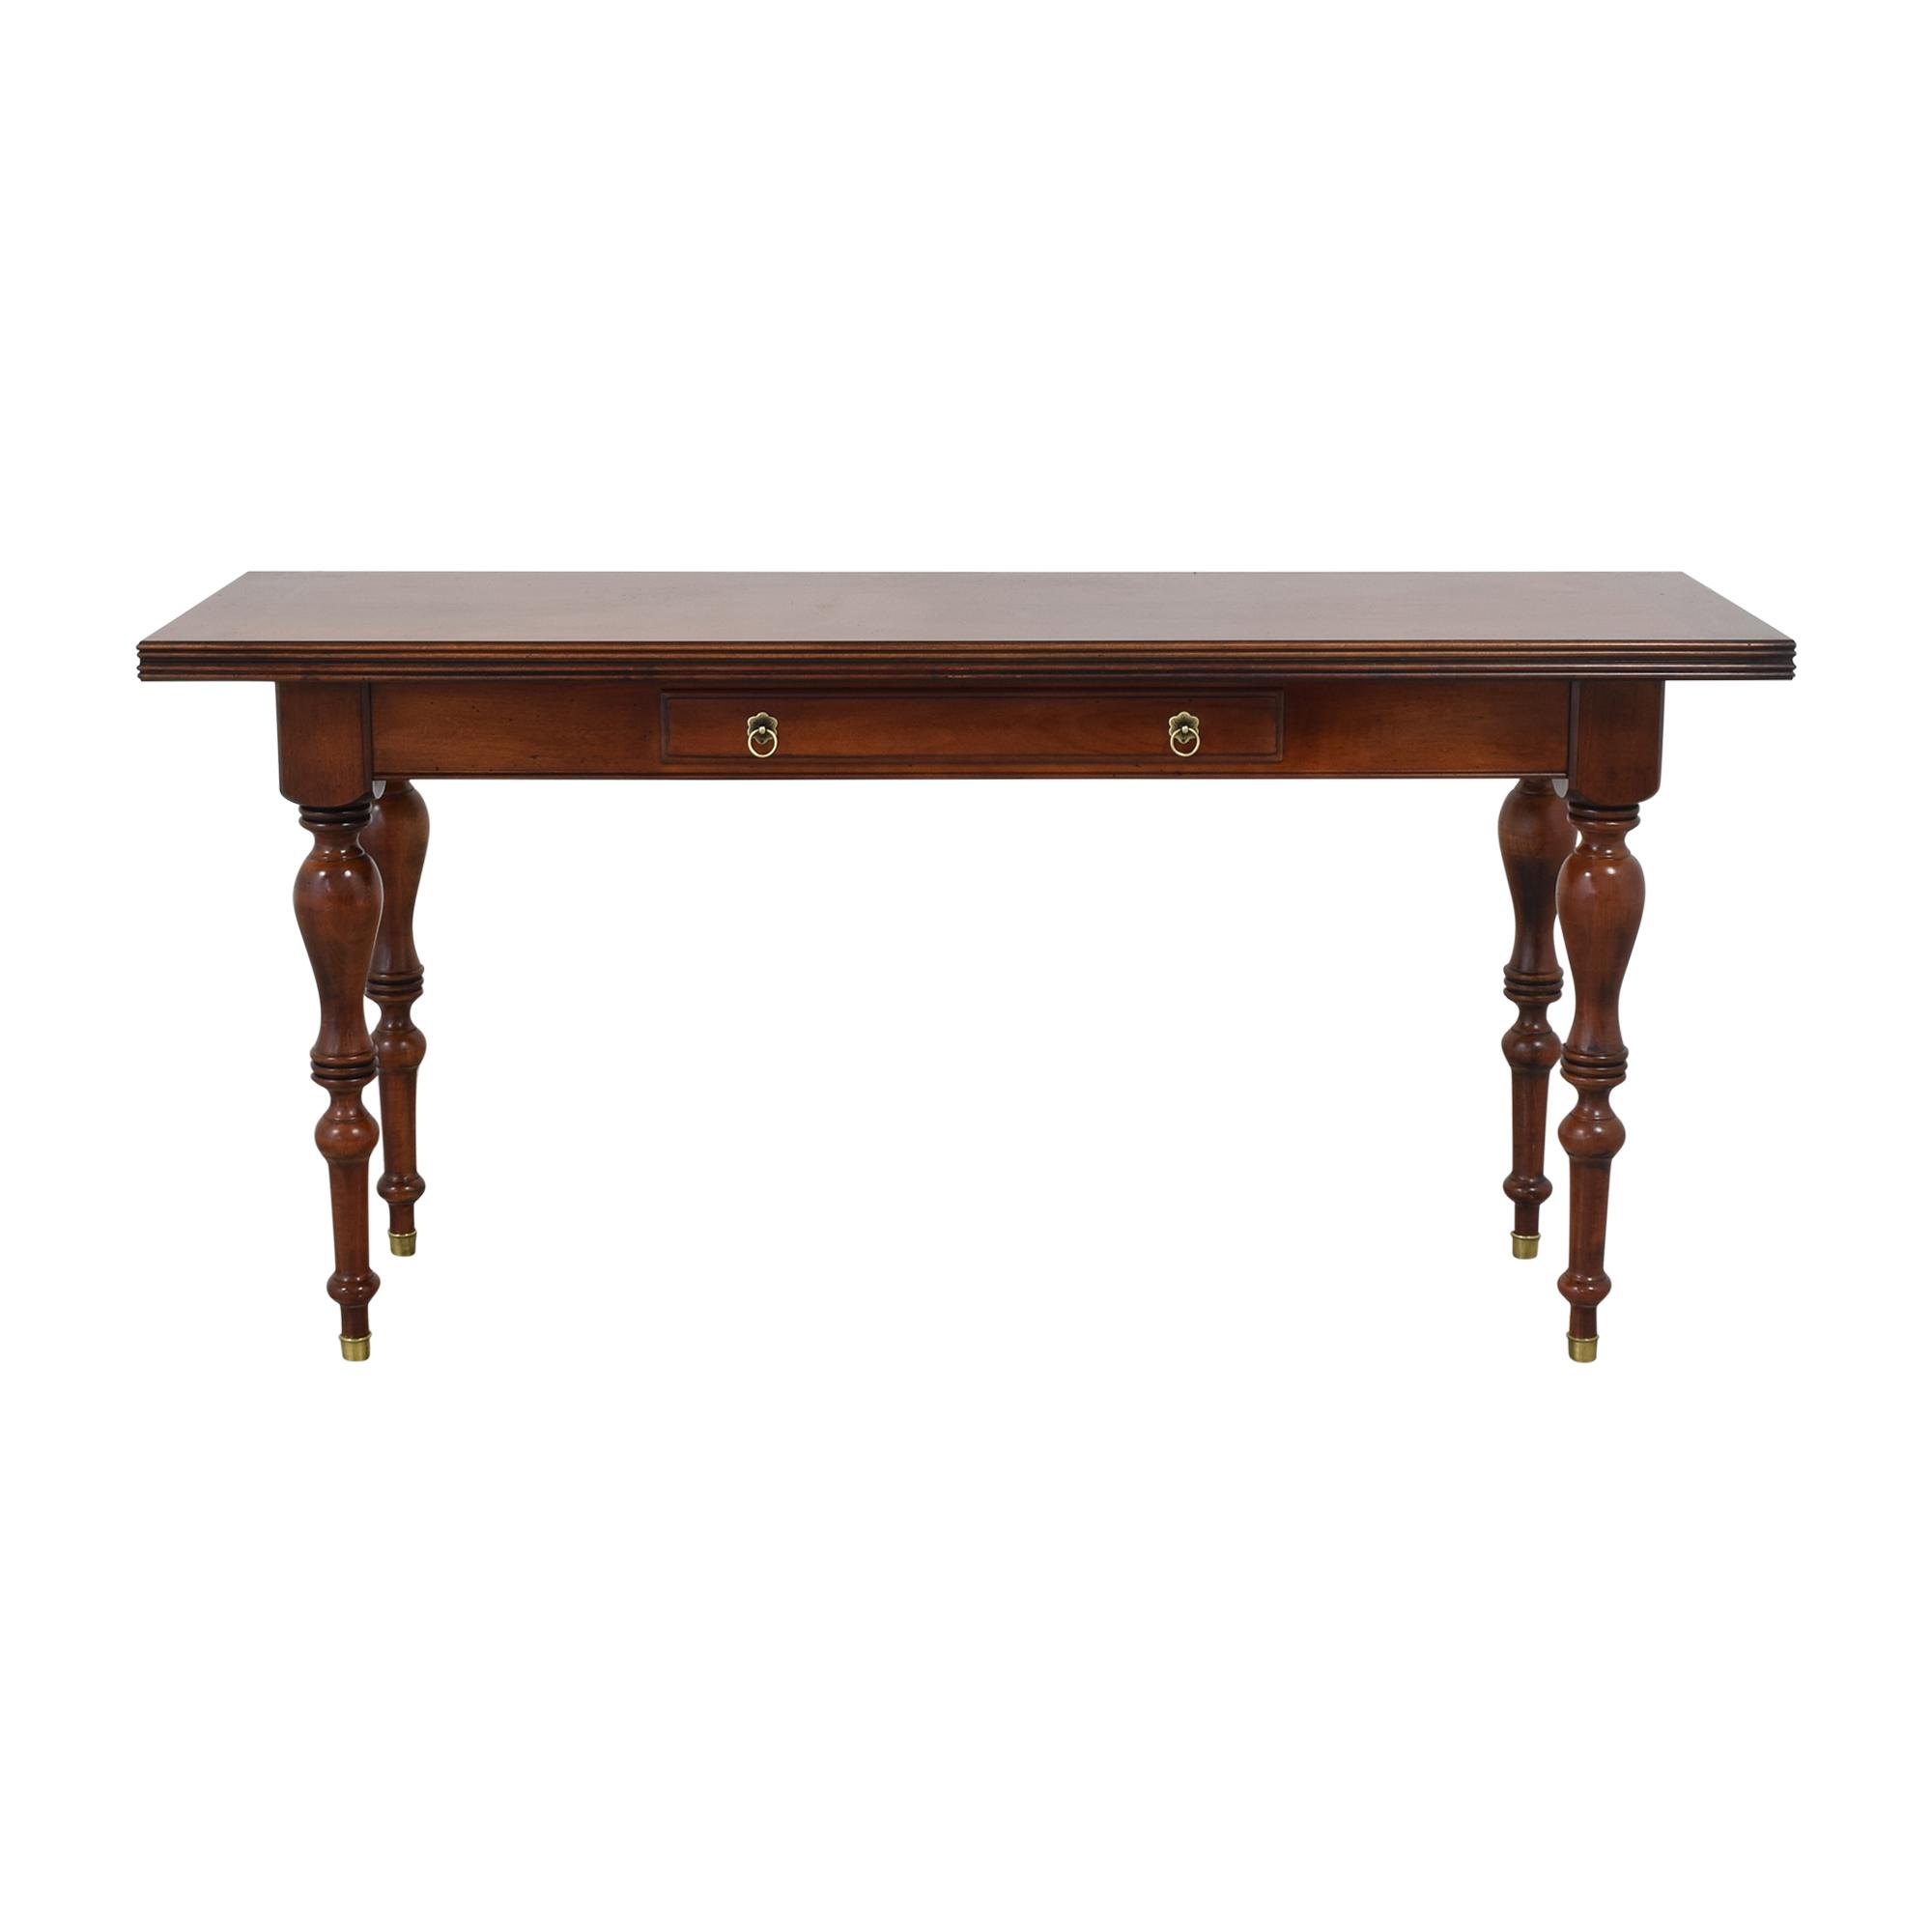 Ethan Allen Ethan Allen British Classics Expandable Console Table for sale